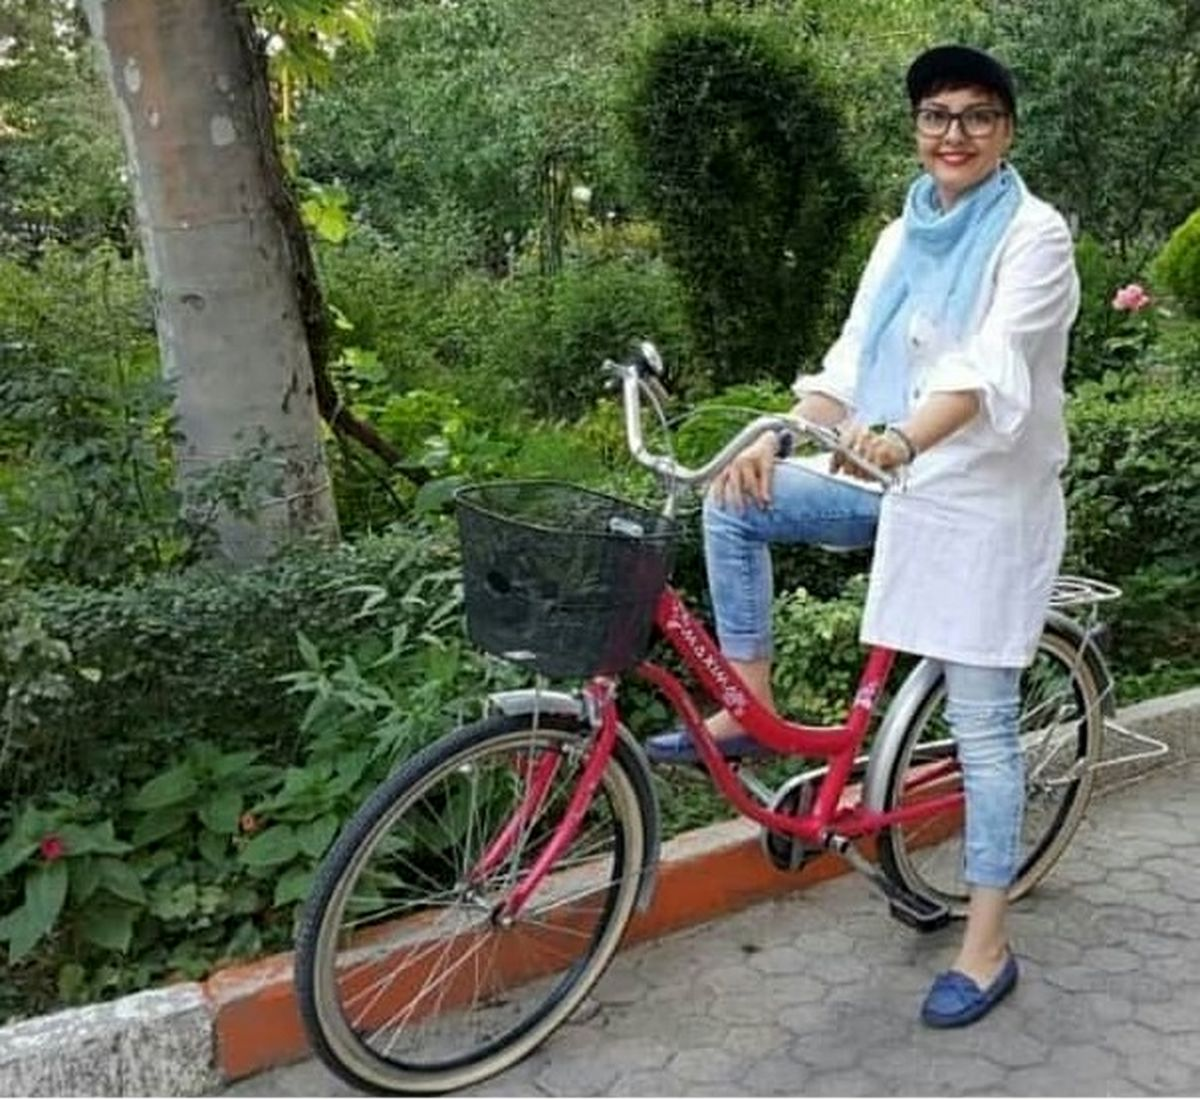 دوچرخه لاکچری آناهیتا همتی با شلوار کوتاه!+عکس